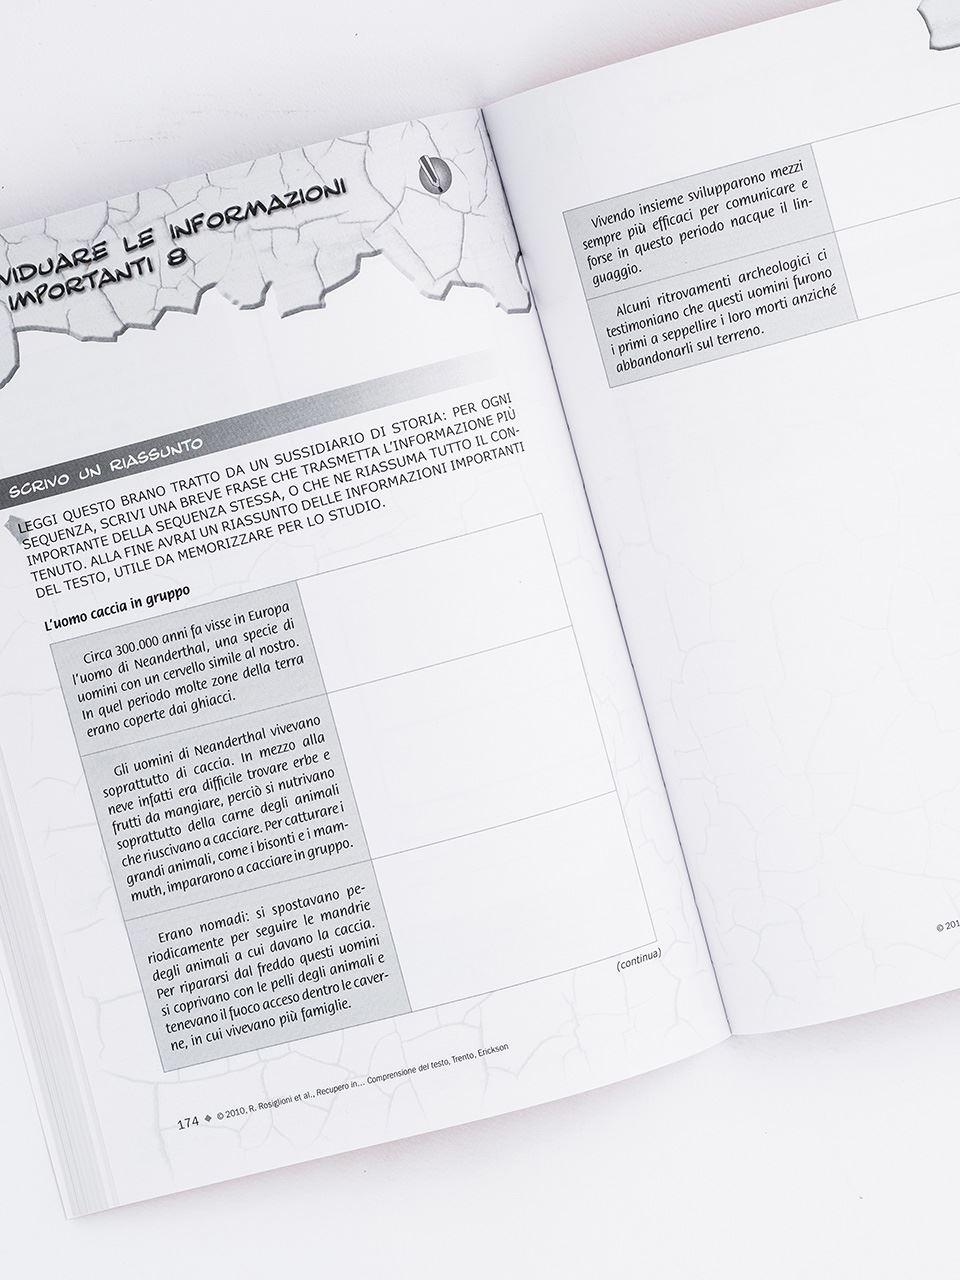 RECUPERO IN... Comprensione del testo - Libri - App e software - Erickson 2